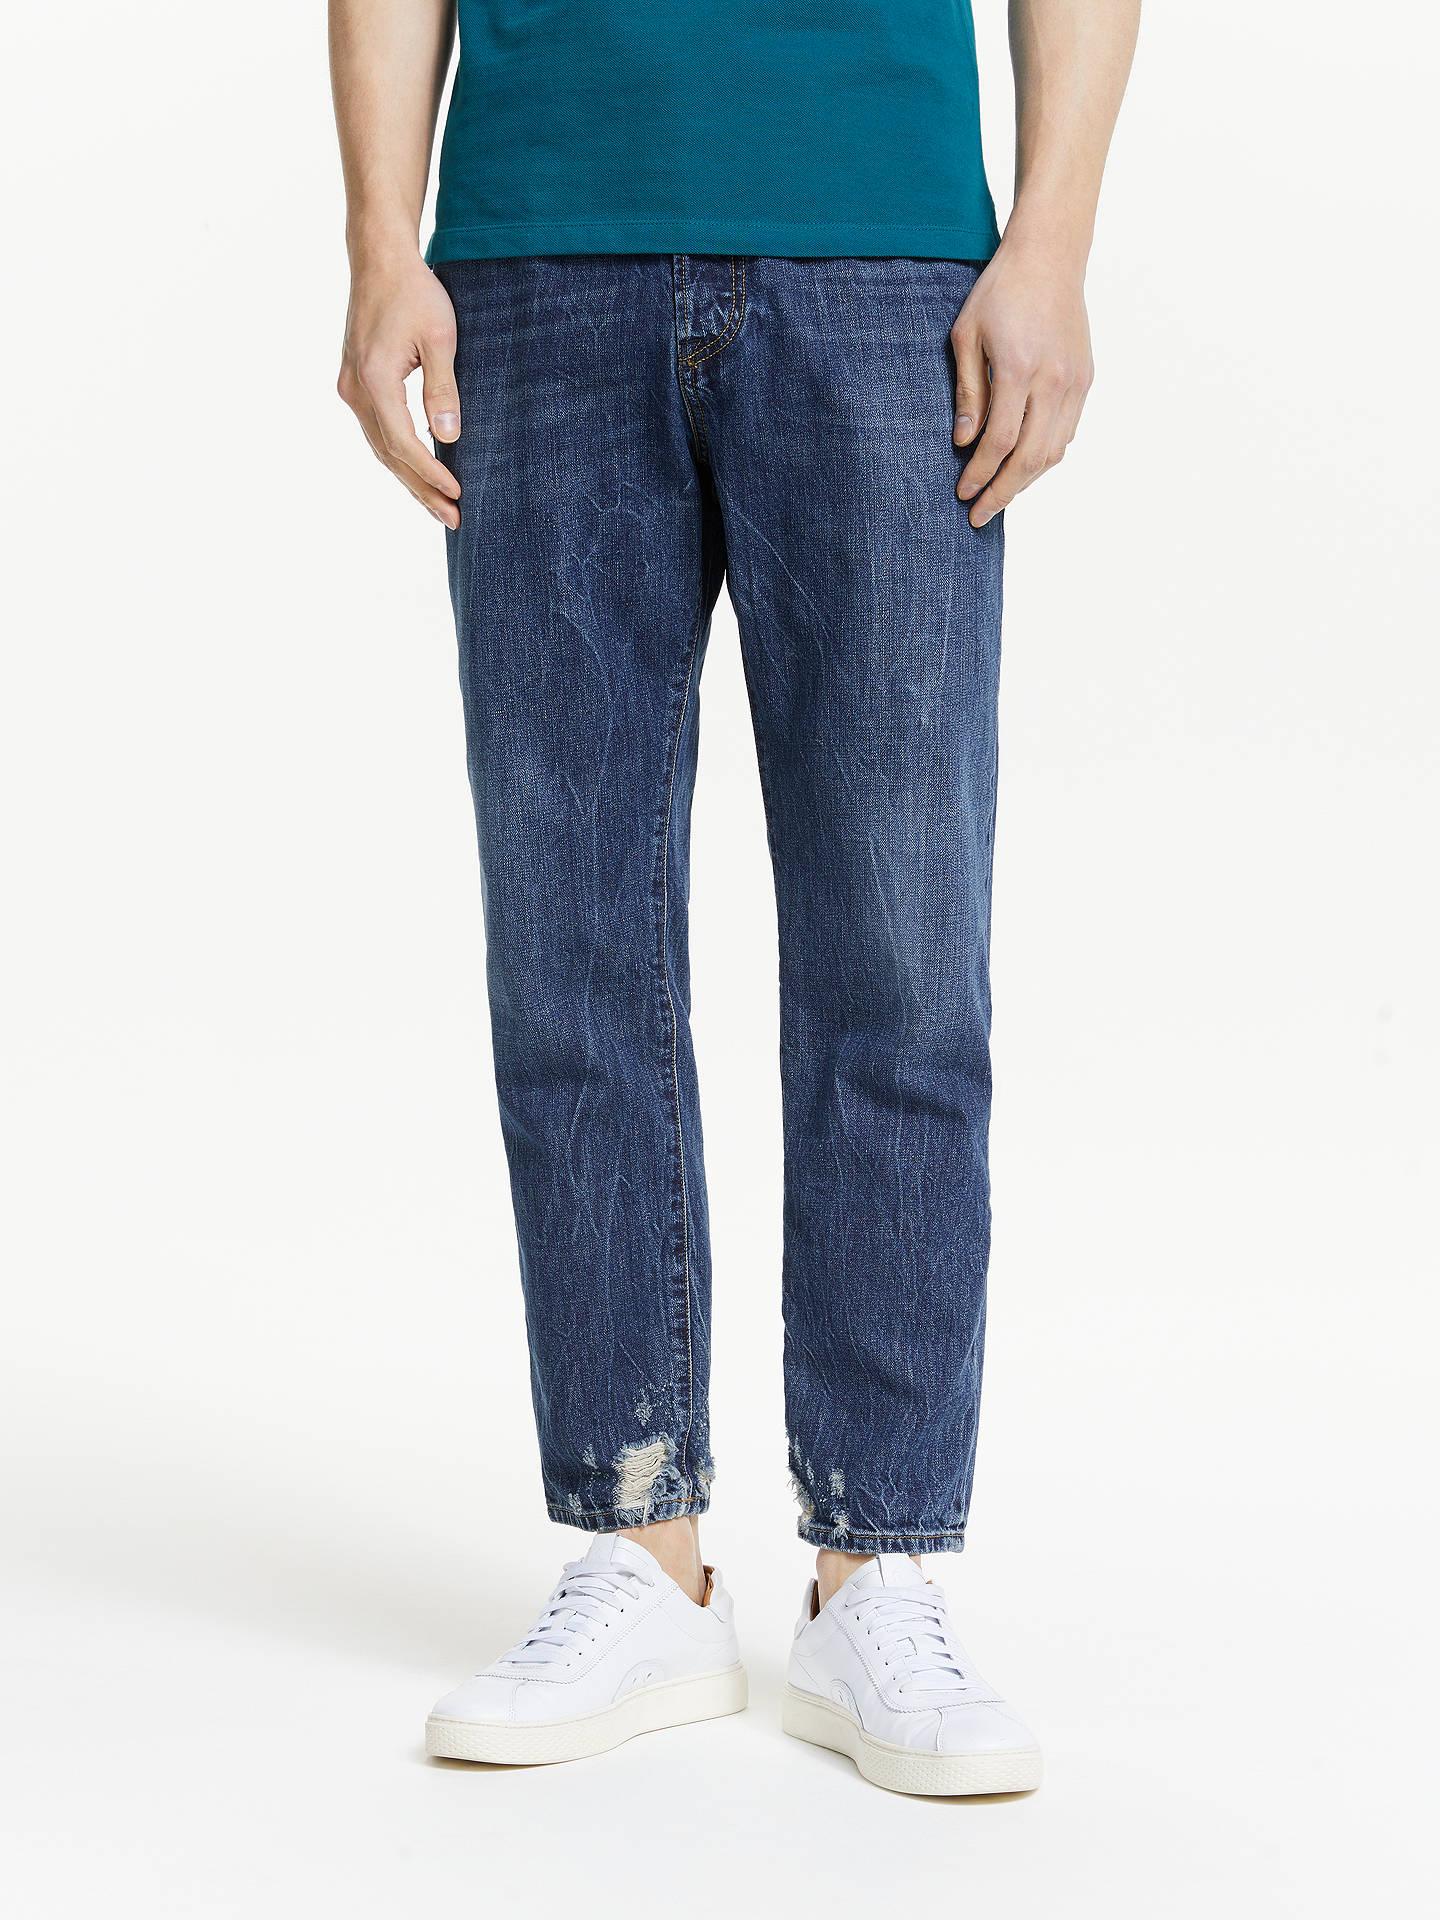 Diesel Mharky Slim Jeans Dark Blue 080ag At John Lewis